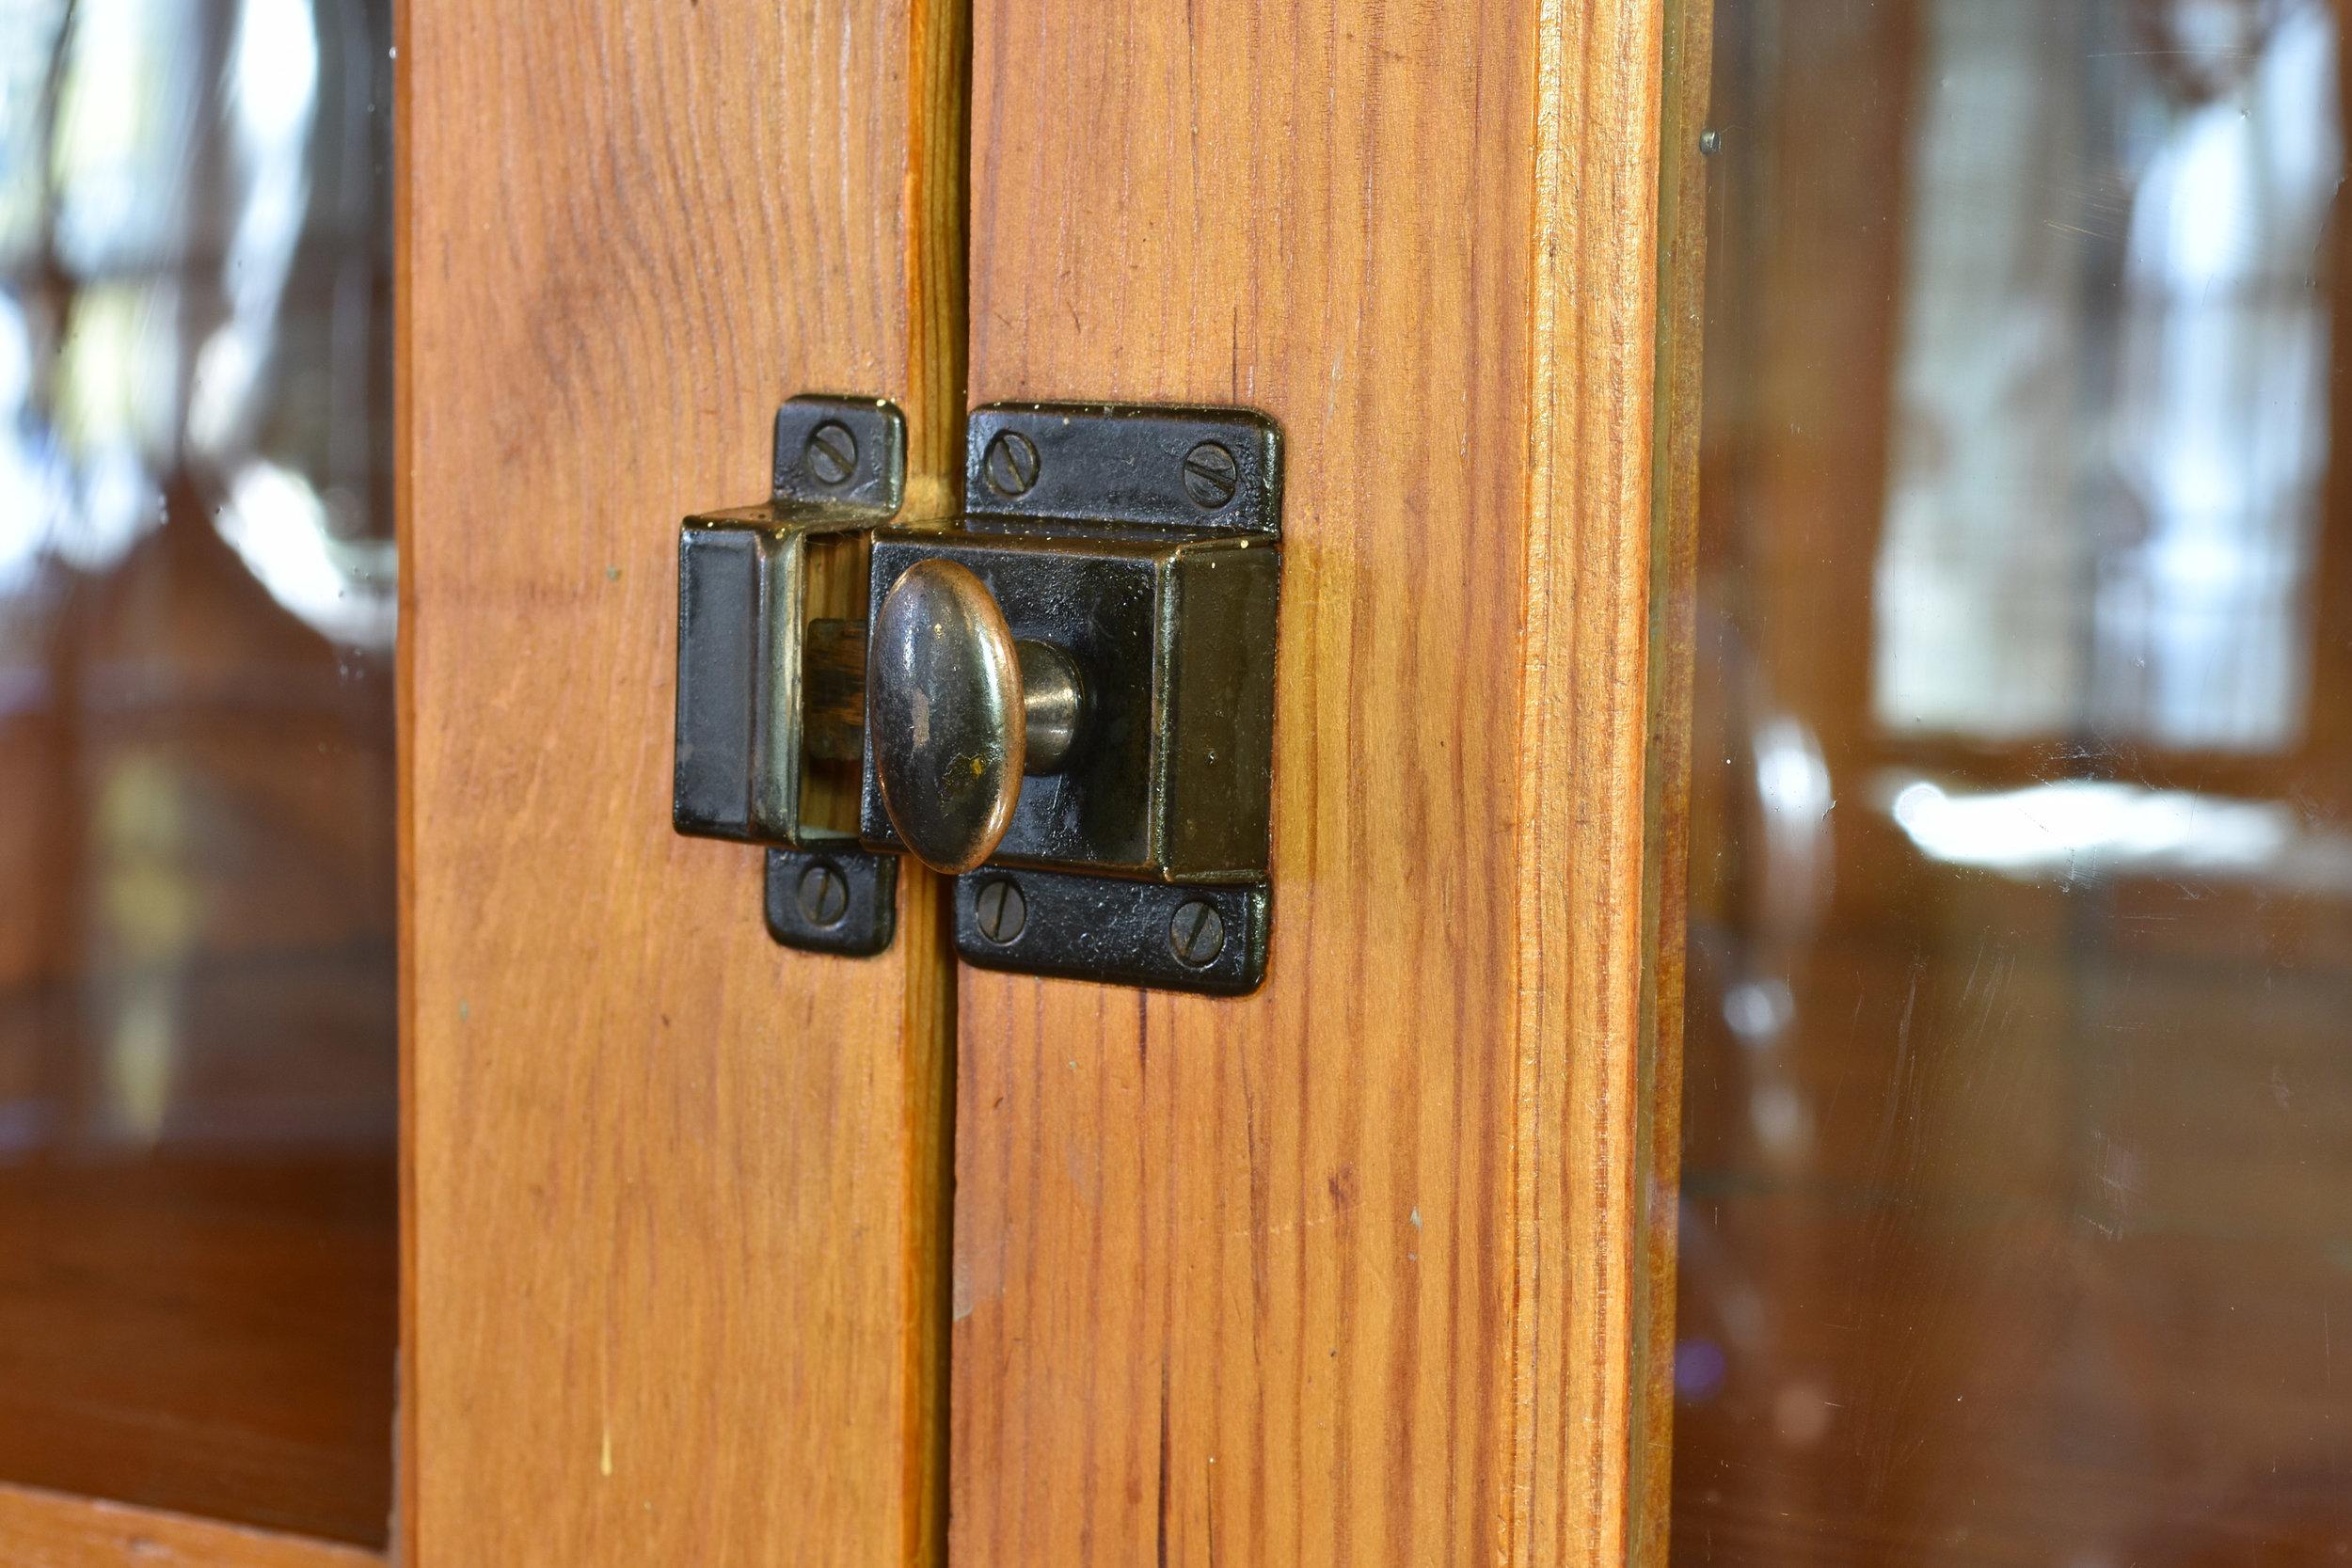 48385 fir built-in A B cabinet hardware.jpg